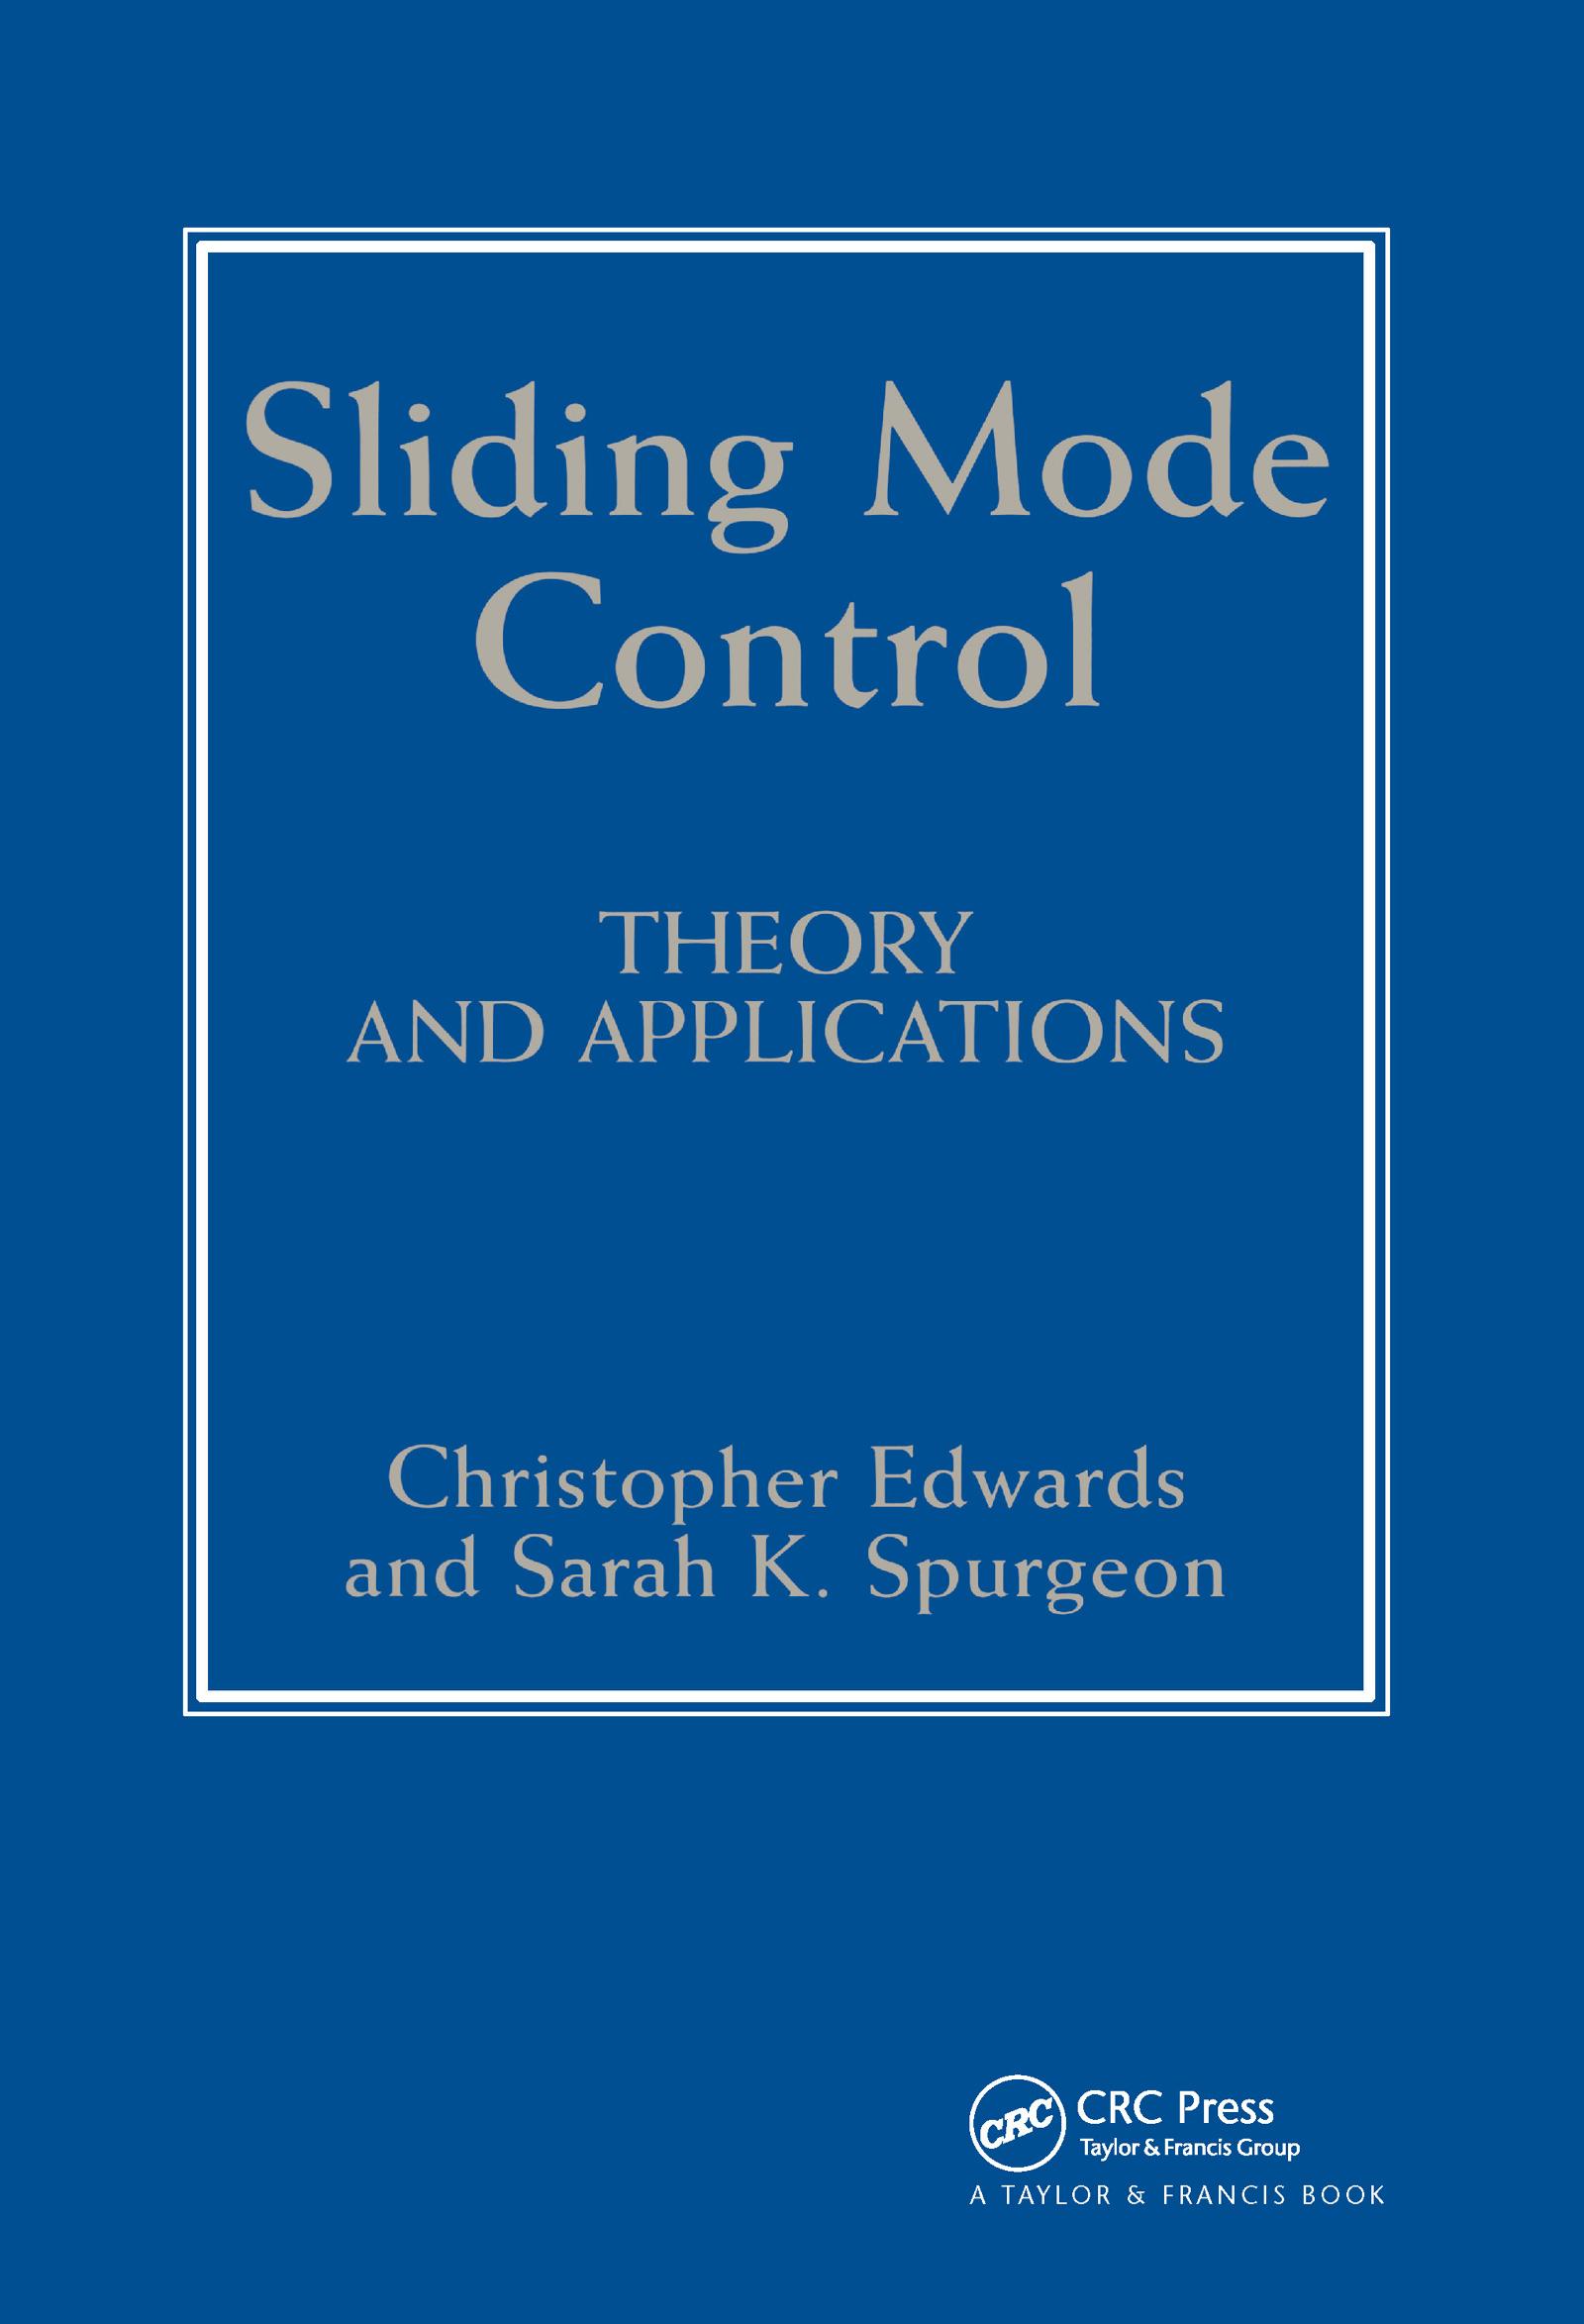 Sliding Mode Control